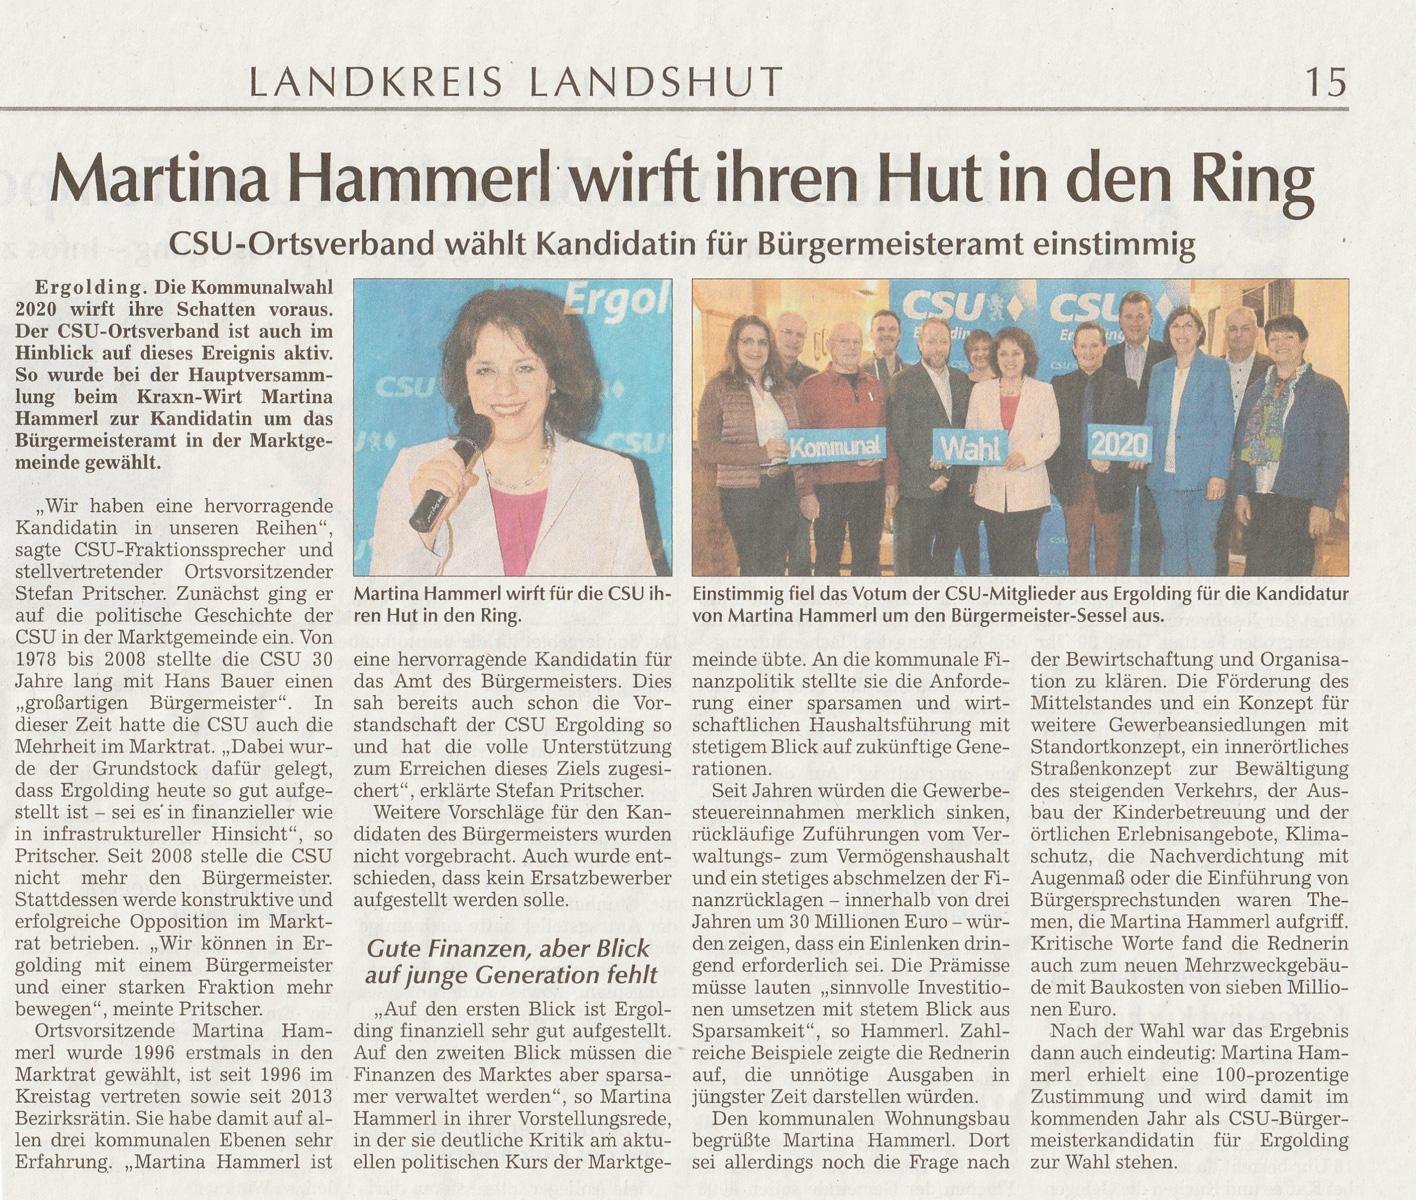 Martina Hammerl wirft ihren Hut in den Ring: LZ Seite 15